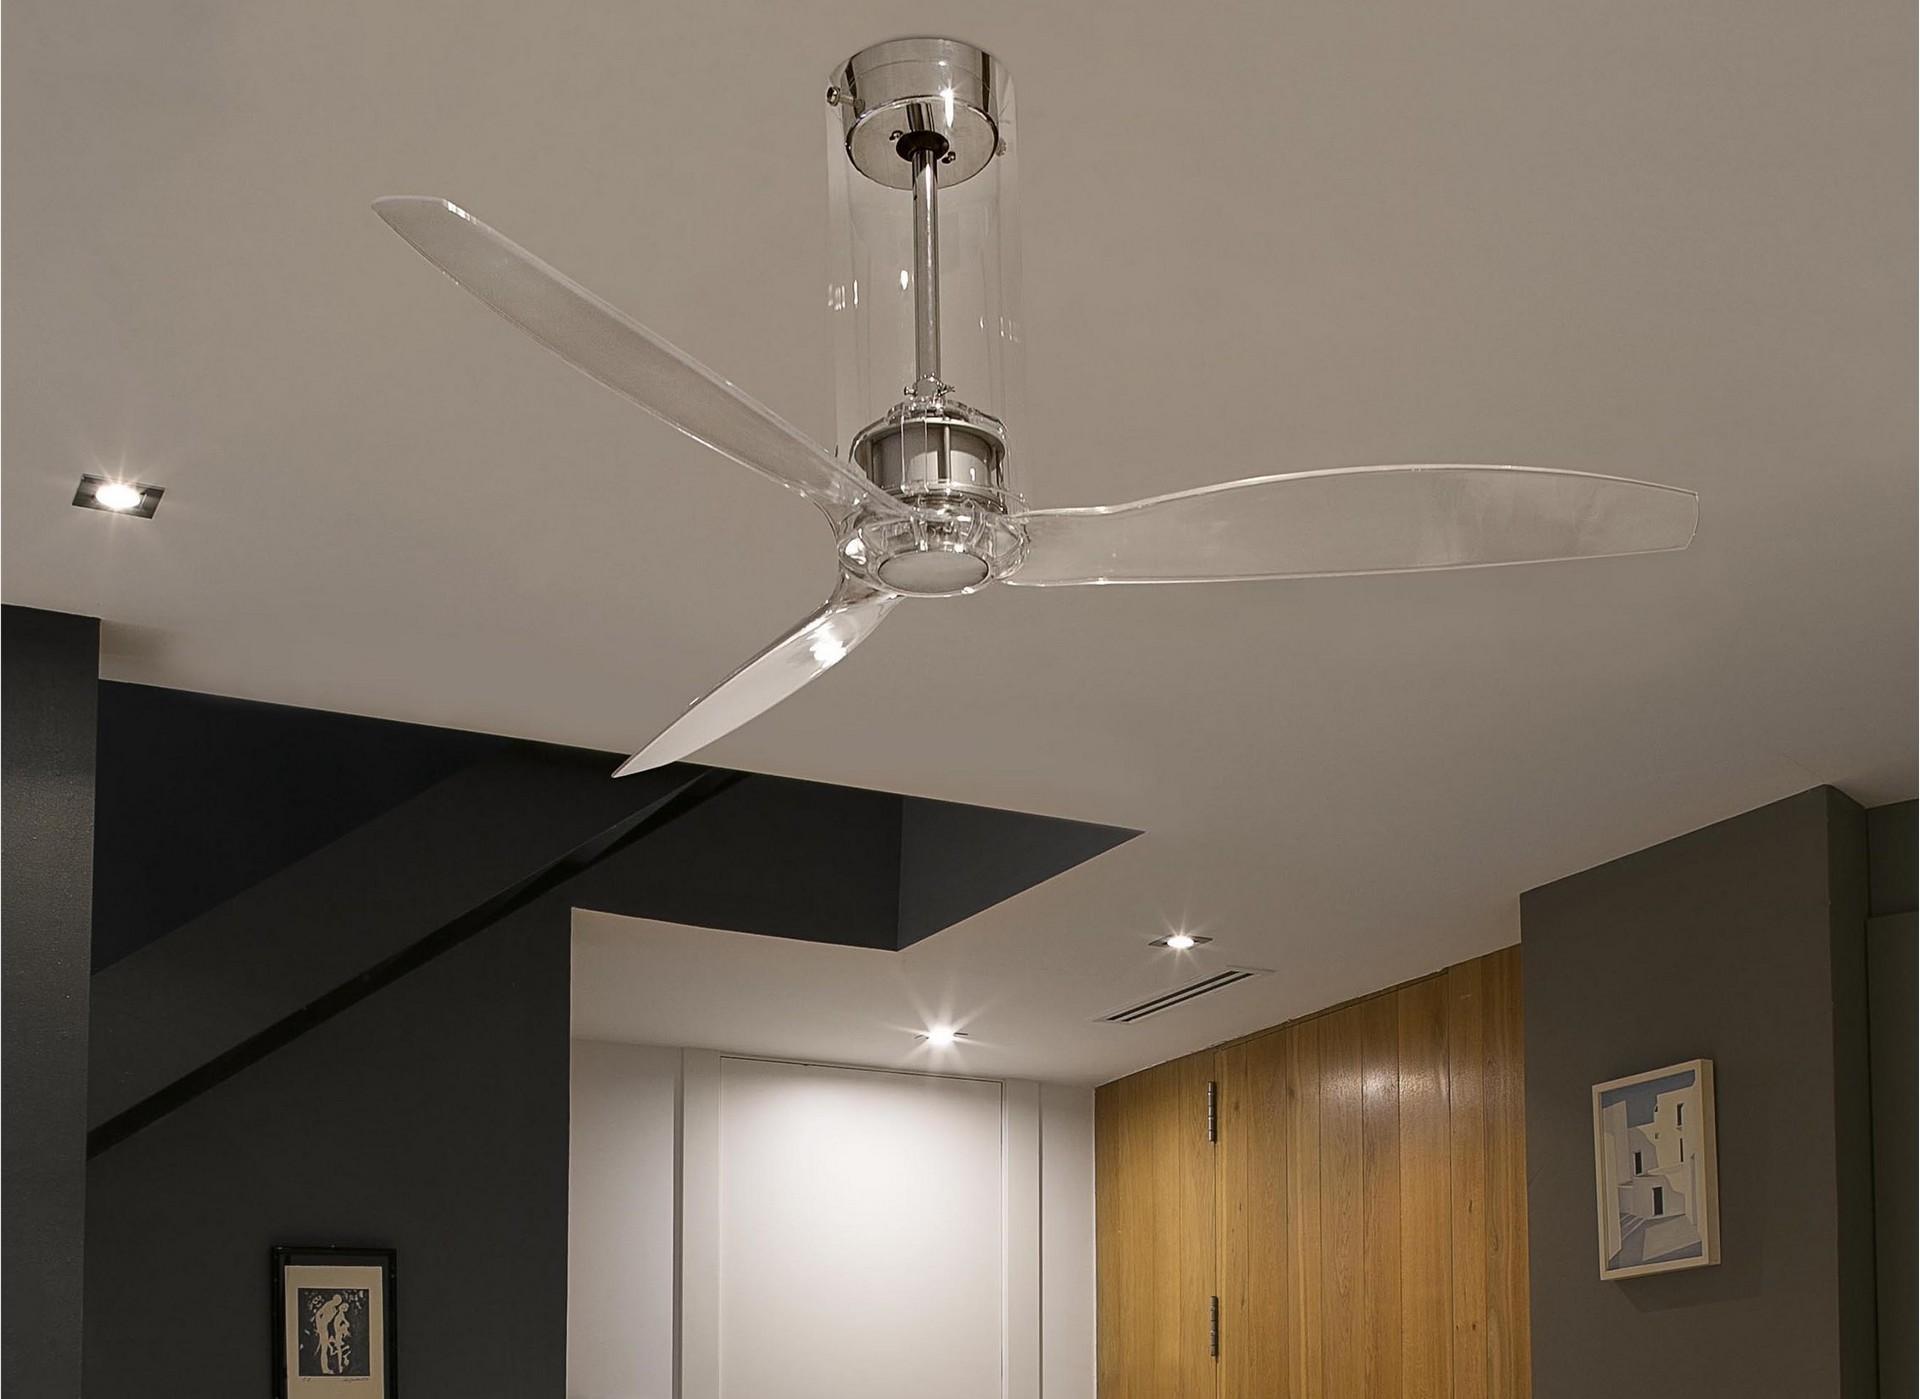 Ventilatori da soffitto un 39 alternativa al condizionatore for Ventilatore a pale da soffitto silenzioso